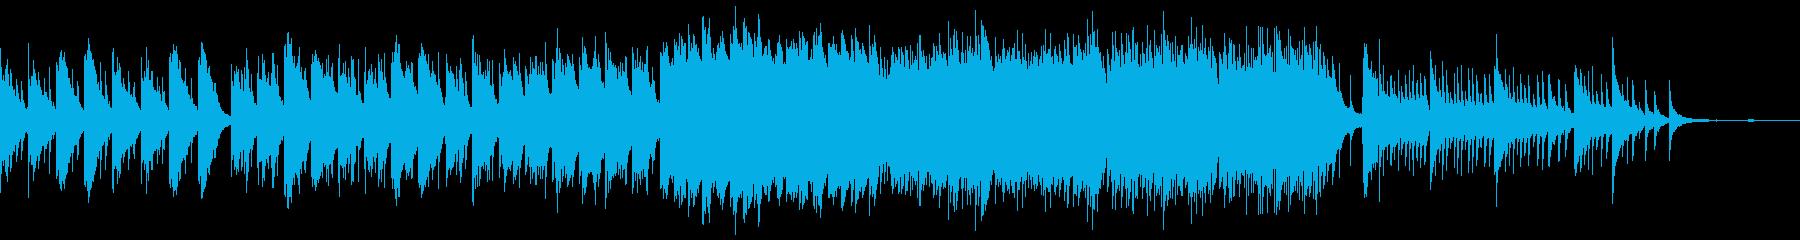 ワタのように柔らかなピアノ曲の再生済みの波形